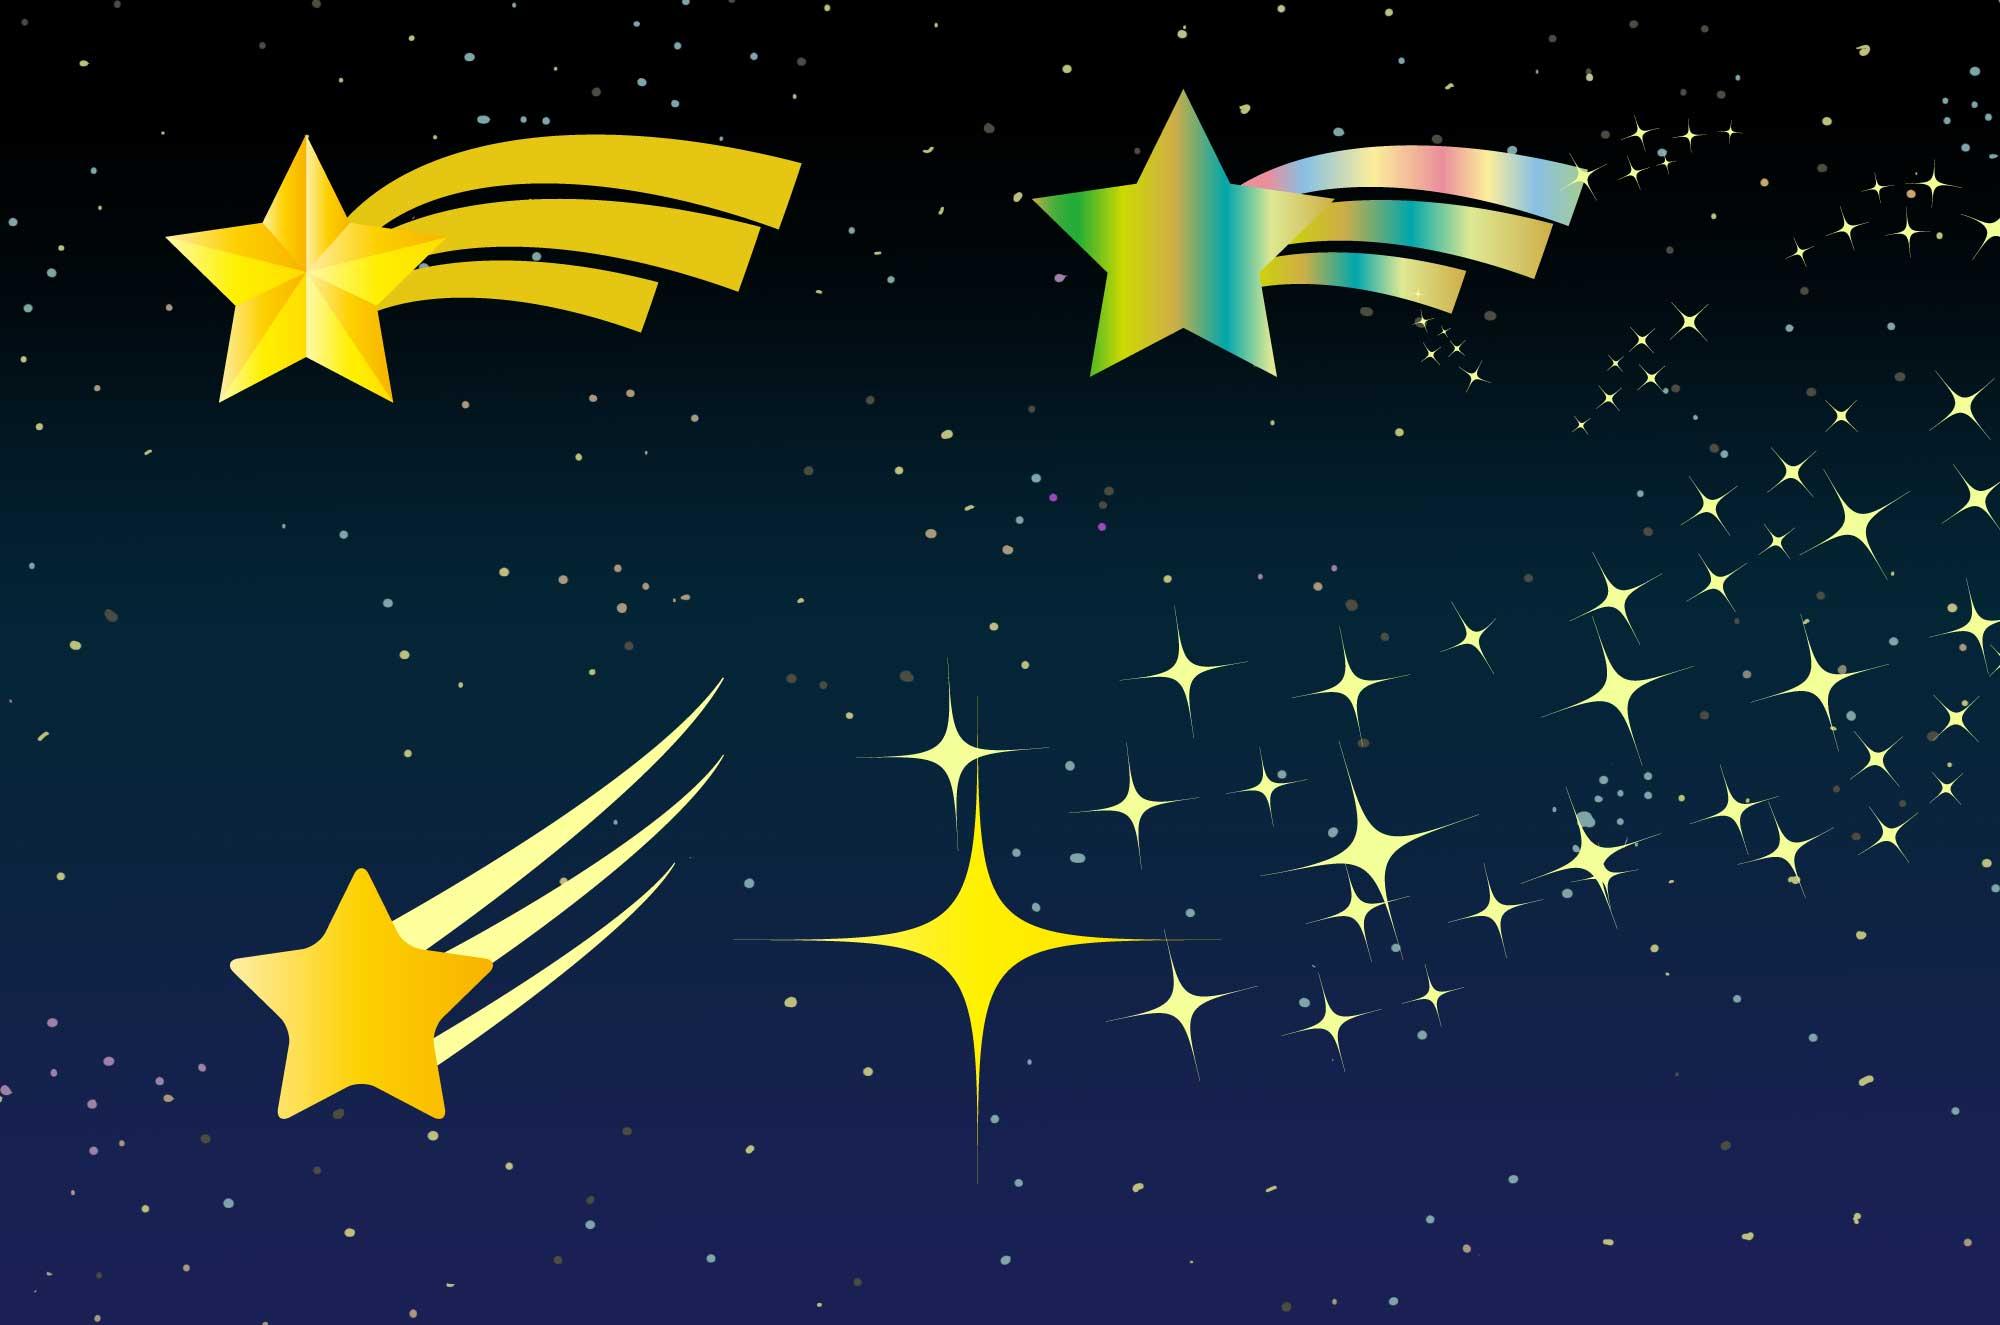 流れ星の無料イラスト - 可愛い・かっこいい星の素材